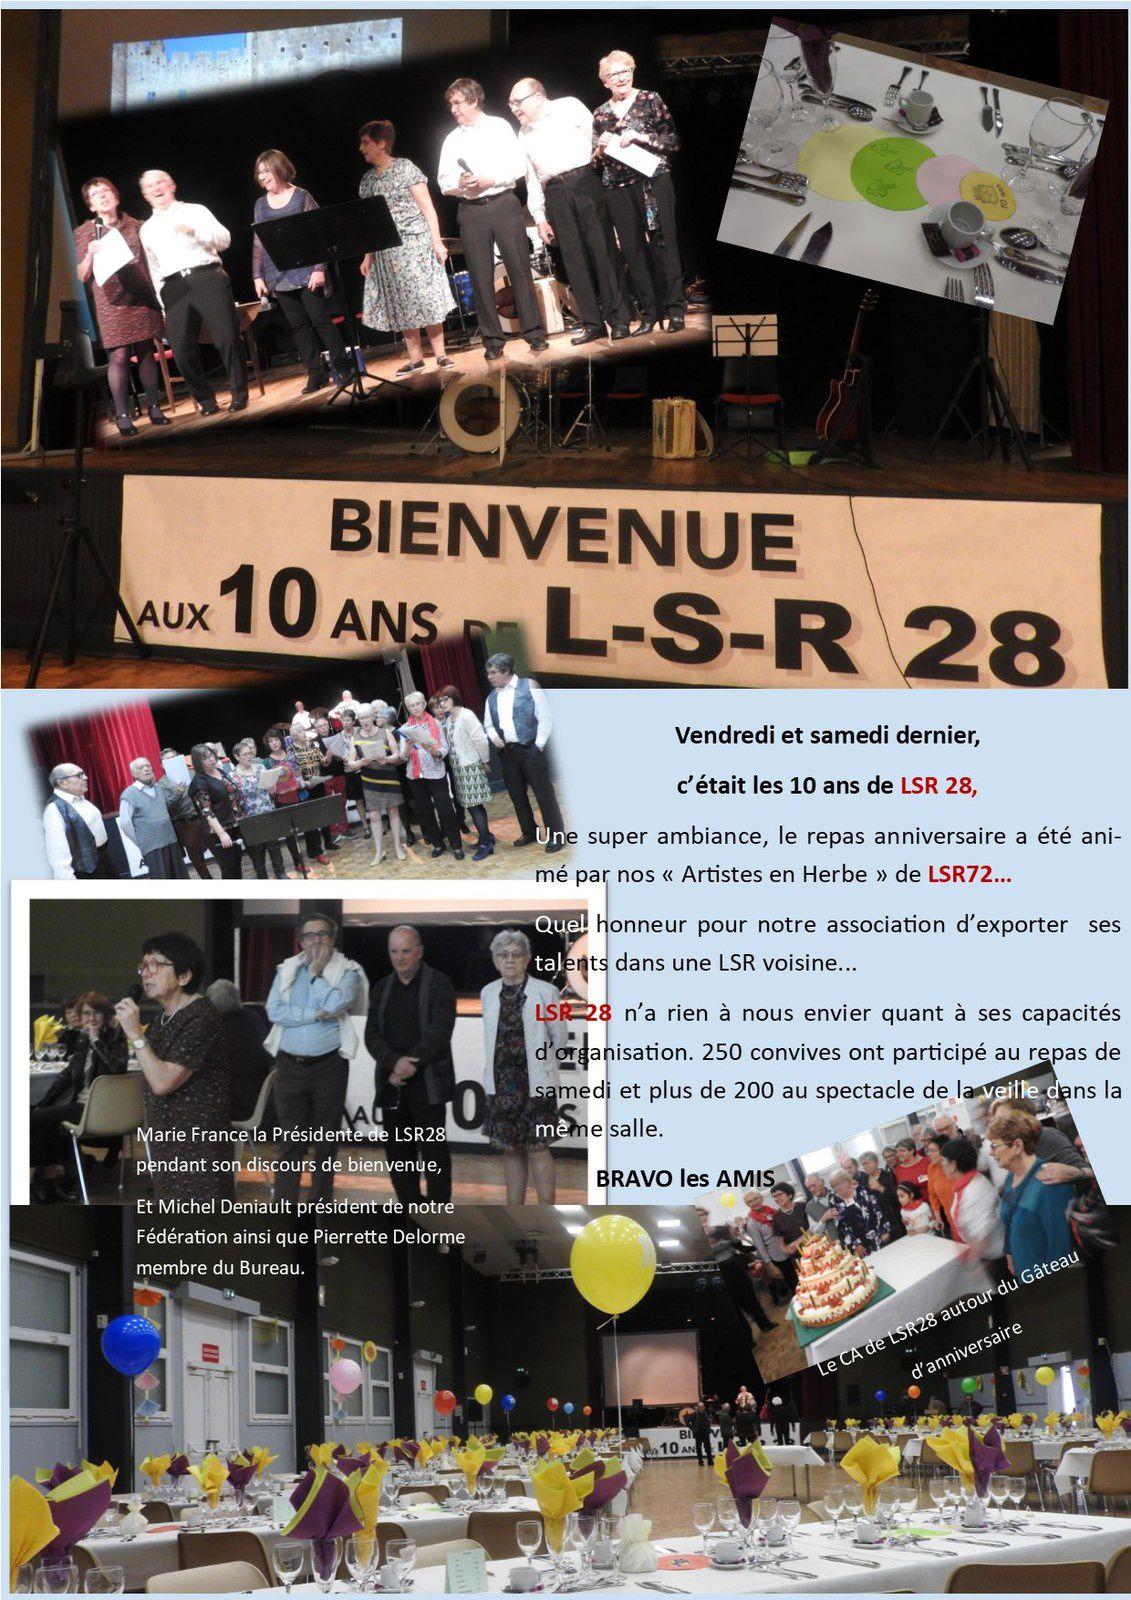 10 ans de LSR 28